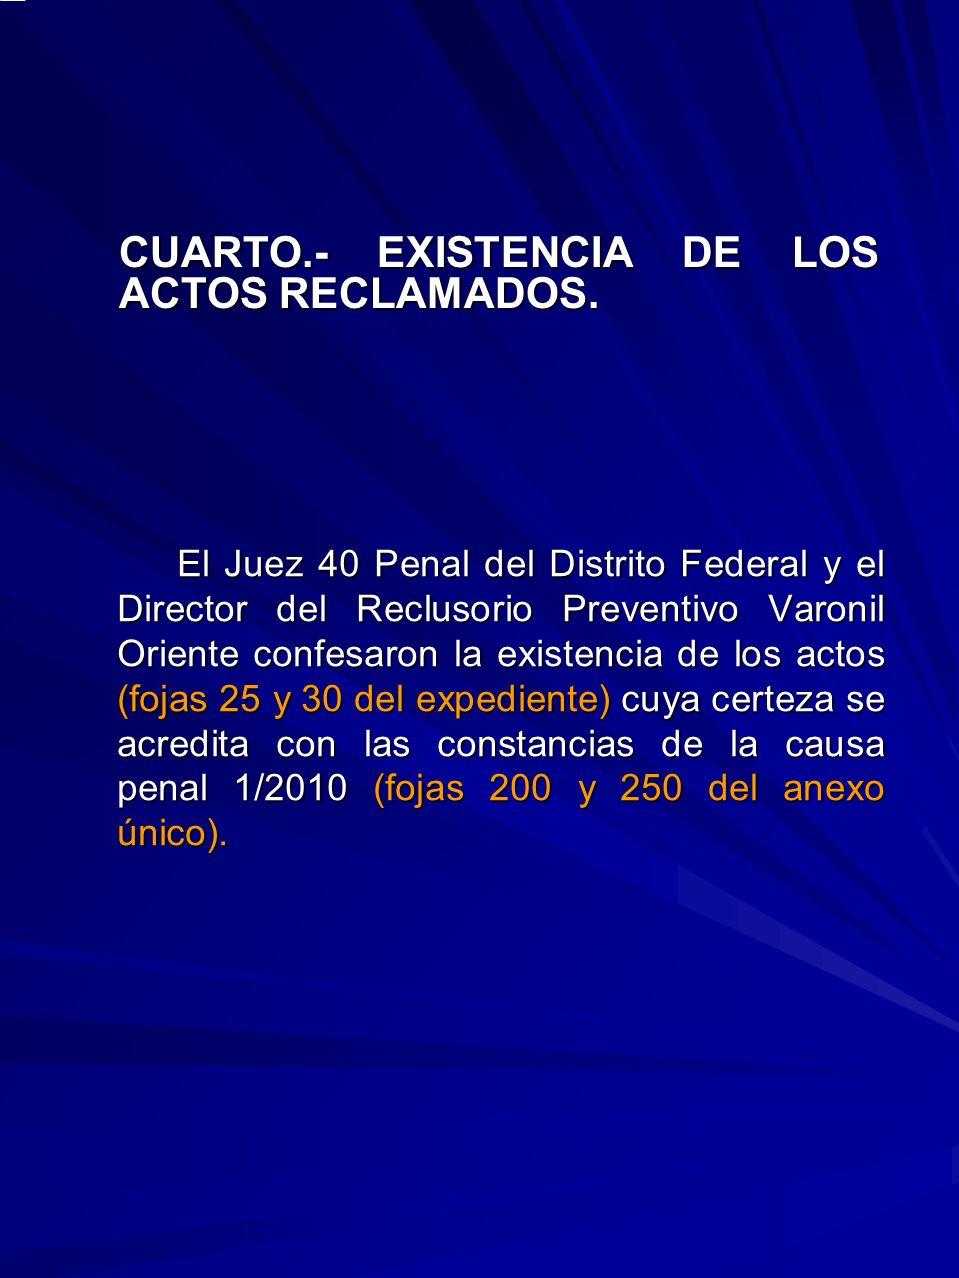 El Juez 40 Penal del Distrito Federal y el Director del Reclusorio Preventivo Varonil Oriente confesaron la existencia de los actos (fojas 25 y 30 del